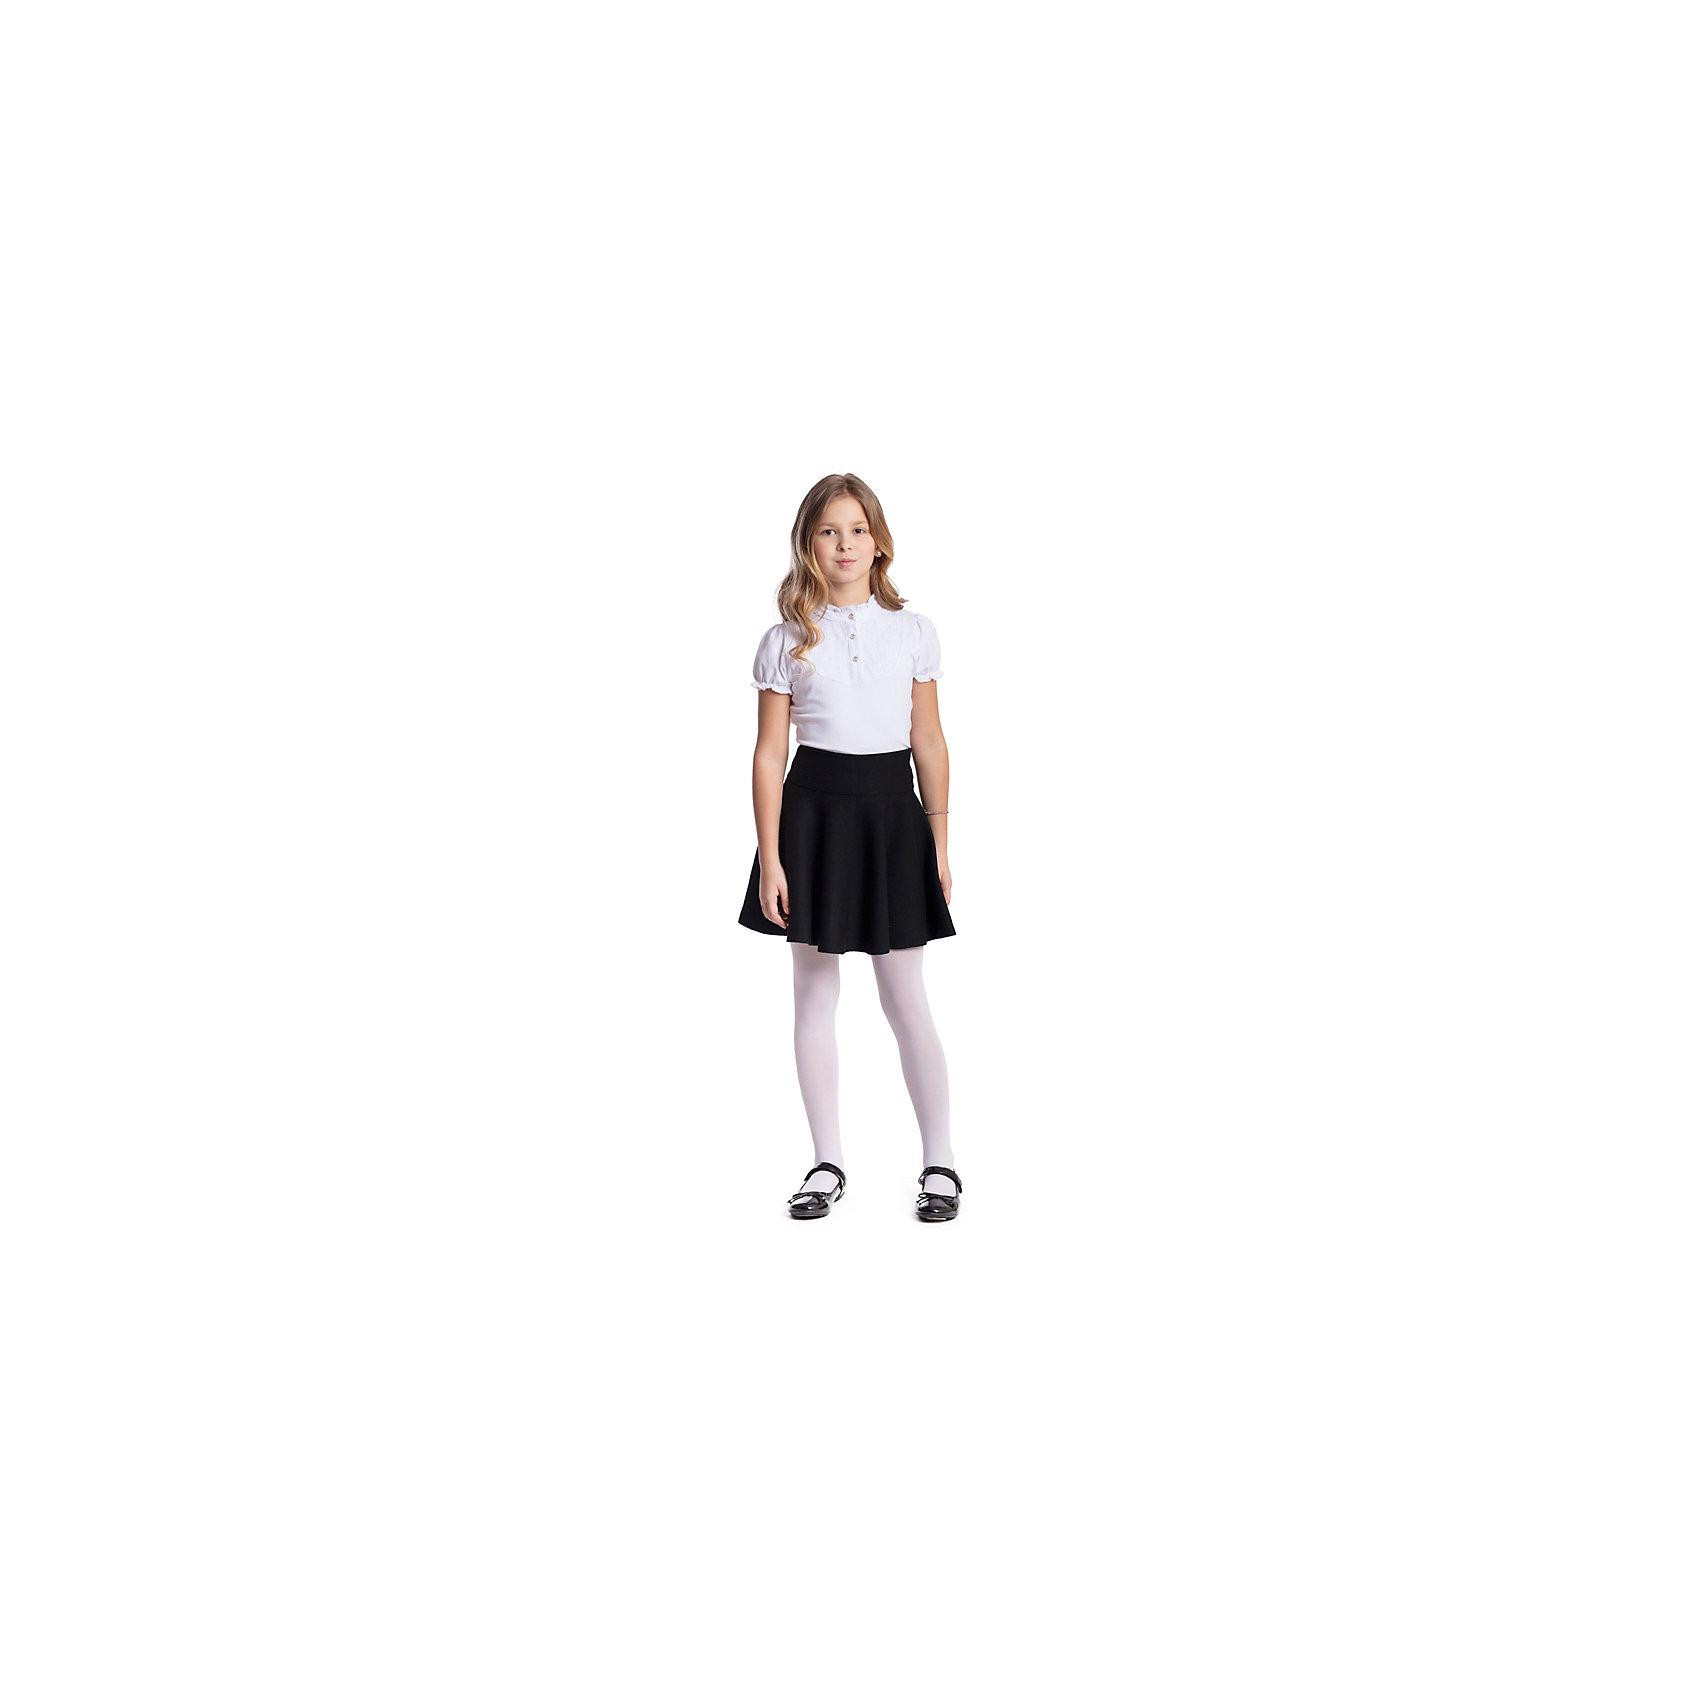 Юбка трикотажная для девочки ScoolЮбки<br>Юбка трикотажная для девочки Scool<br>Юбка из мягкой трикотажной ткани сможет быть одной из базовых вещей детского повседневного гардероба. Модель бесшовная с завышенной талией и мягкими струящимися складками.<br>Состав:<br>80% вискоза, 20% полиэстер<br><br>Ширина мм: 207<br>Глубина мм: 10<br>Высота мм: 189<br>Вес г: 183<br>Цвет: черный<br>Возраст от месяцев: 156<br>Возраст до месяцев: 168<br>Пол: Женский<br>Возраст: Детский<br>Размер: 164,122,128,134,140,146,152,158<br>SKU: 6754773